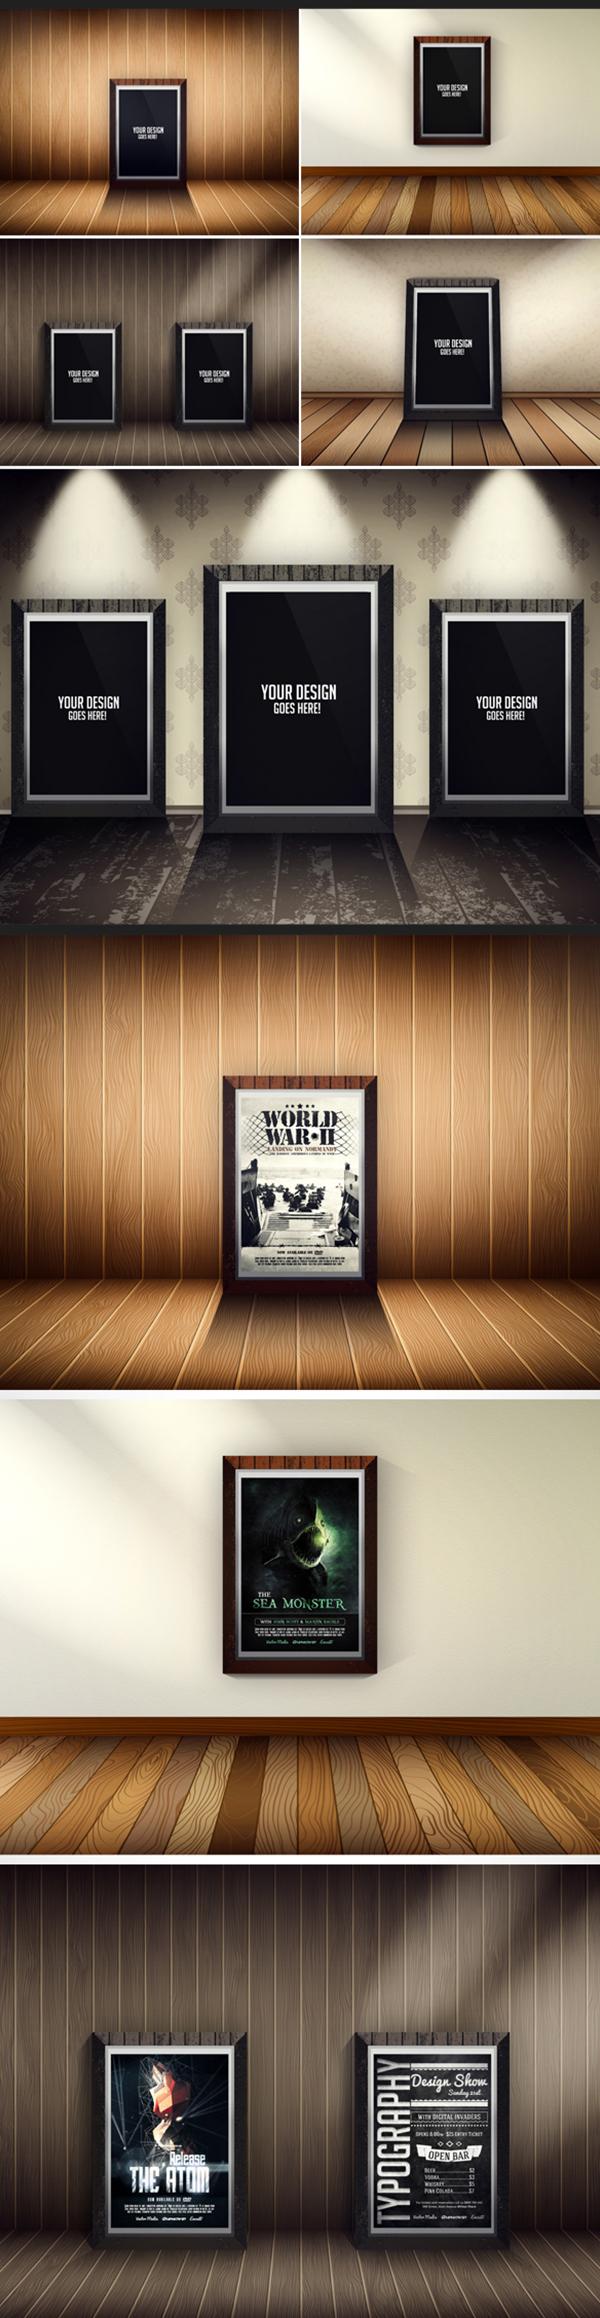 20 Free Flyer Poster Mockups